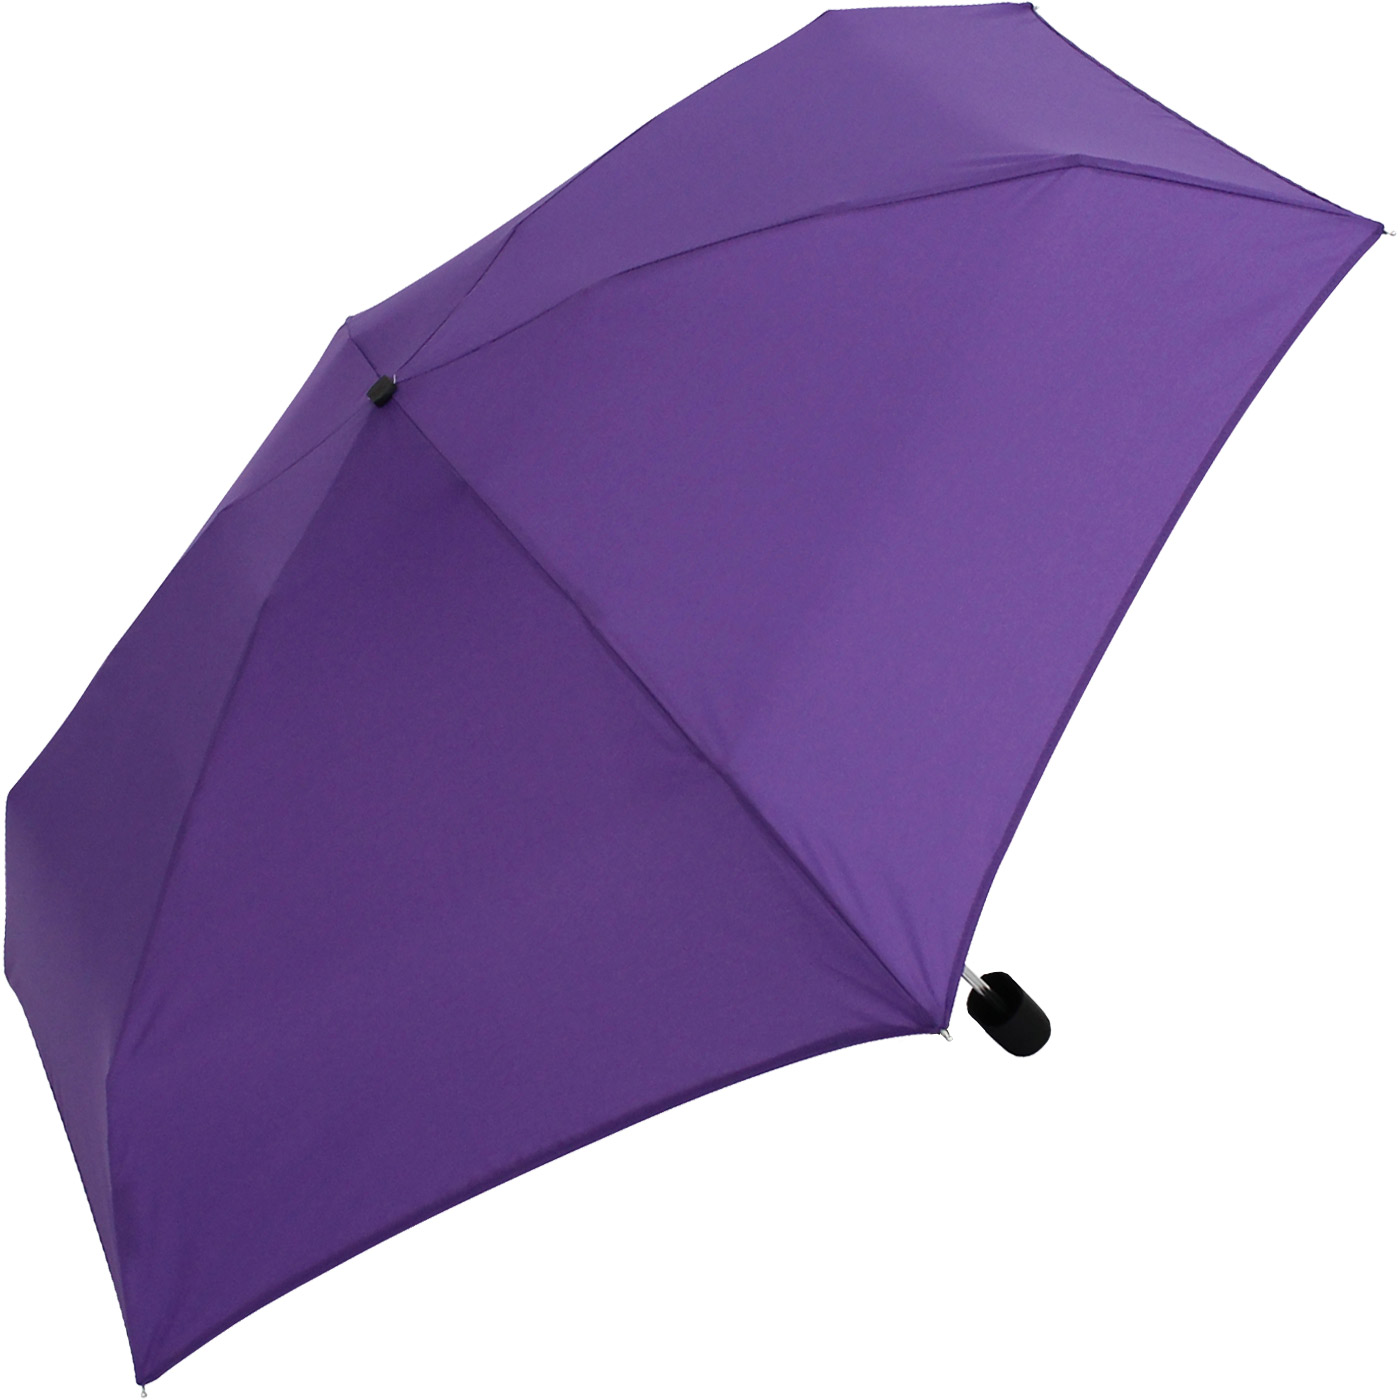 Regenschirm-Super-Mini-Taschenschirm-Damen-Herren-winzig-klein-leicht-im-Etui Indexbild 59